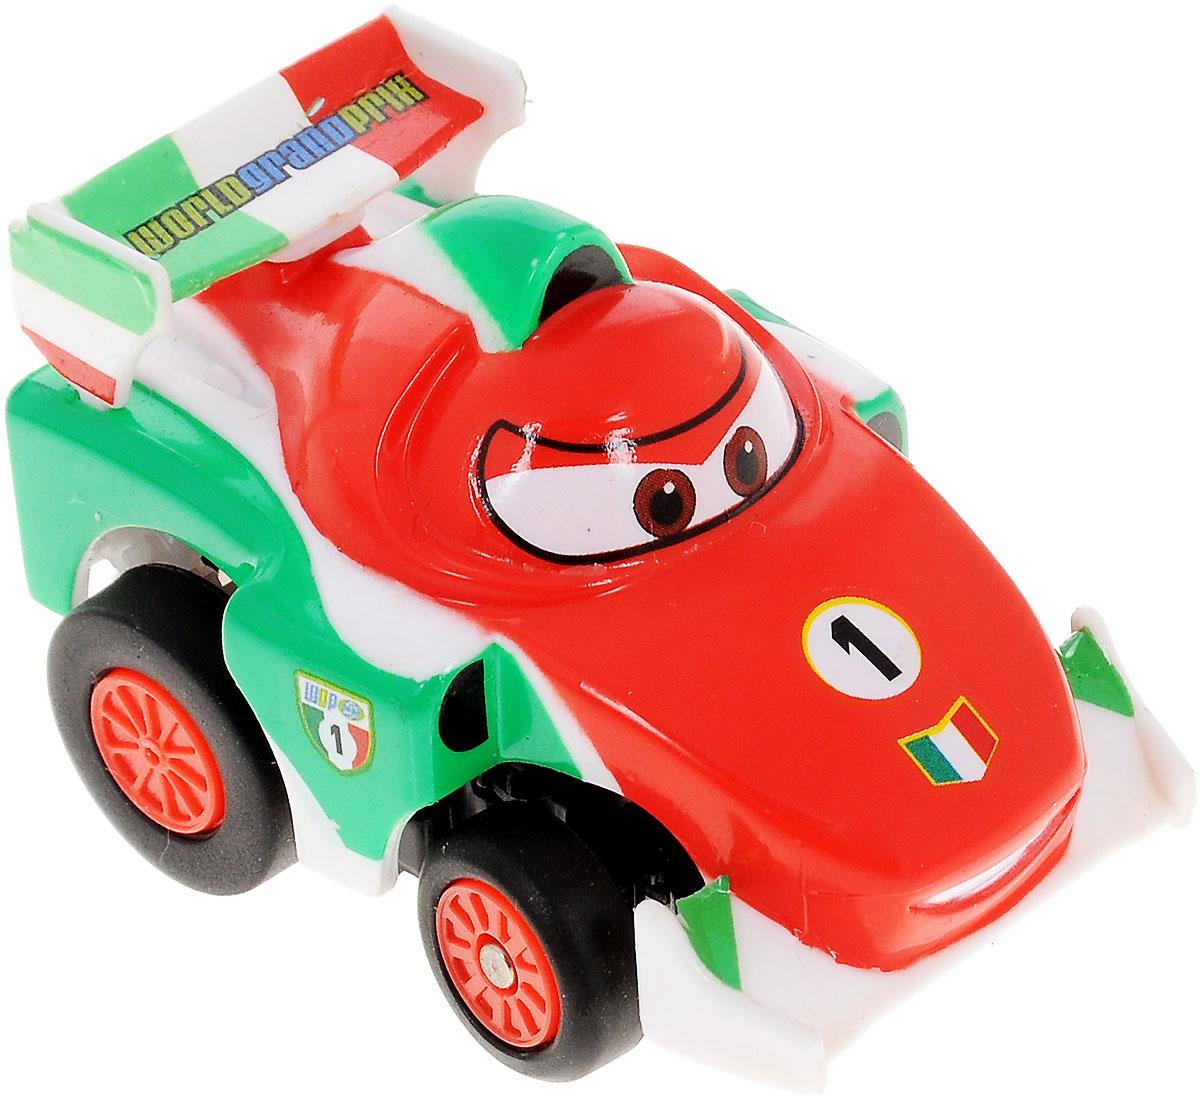 """Машинка на инфракрасном управлении Dickie Toys """"Тачки: Francesco"""" - это полная копия полюбившегося героя мультсериала """"Тачки"""" Франческо Бернулли. Игрушка может двигаться вперед, дает задний ход, поворачивает влево и вправо, останавливается.Точная настройка управления, 2 скорости, подзарядка от пульта дистанционного управления сделают игру комфортной и увлекательной. Машинка на инфракрасном управлении Dickie Toys """"Тачки: Francesco"""" станет отличным подарком поклоннику этого популярного мультфильма! Игрушка работает от встроенного аккумулятора. Для работы пульта управления необходимы 4 батарейки типа ААА (не входят в комплект)."""